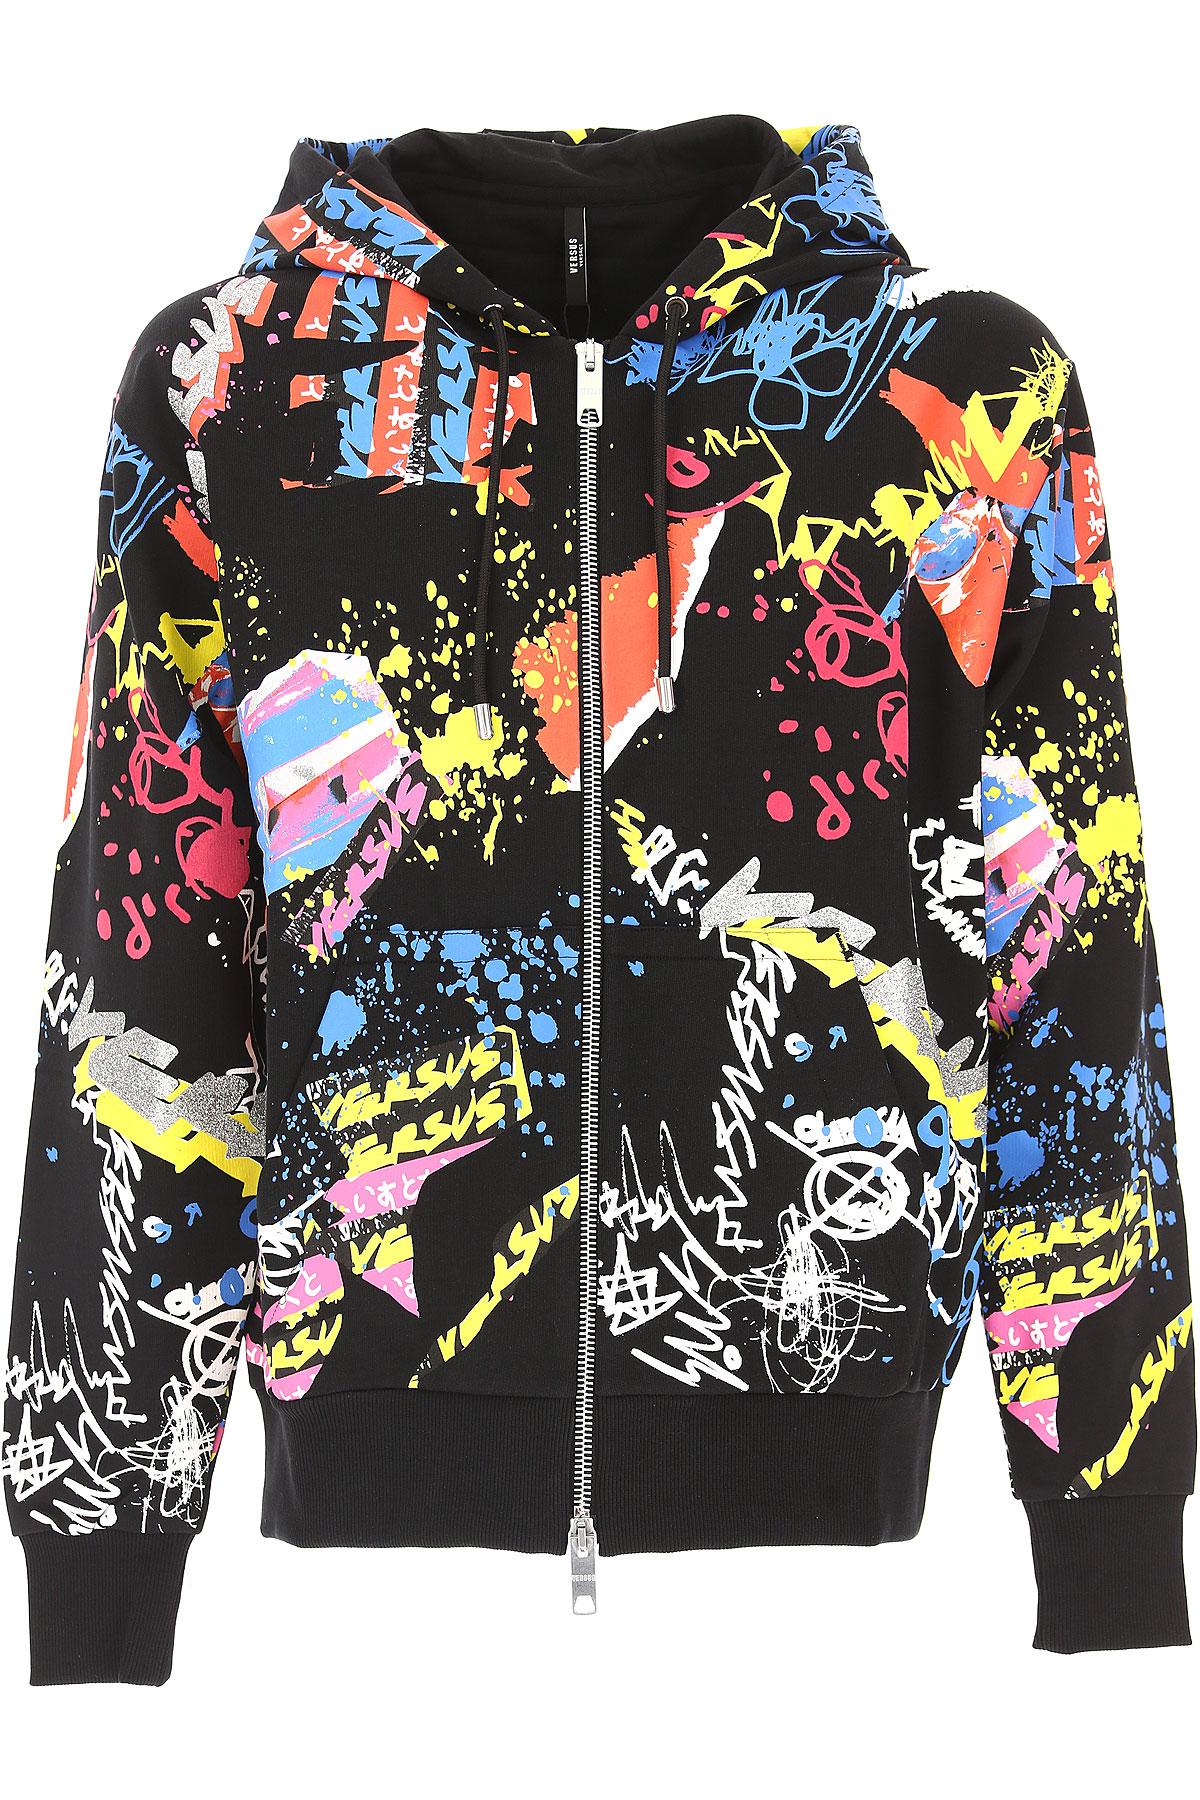 Versace Sweatshirt for Men, Black, Cotton, 2017, L M S XL USA-441258